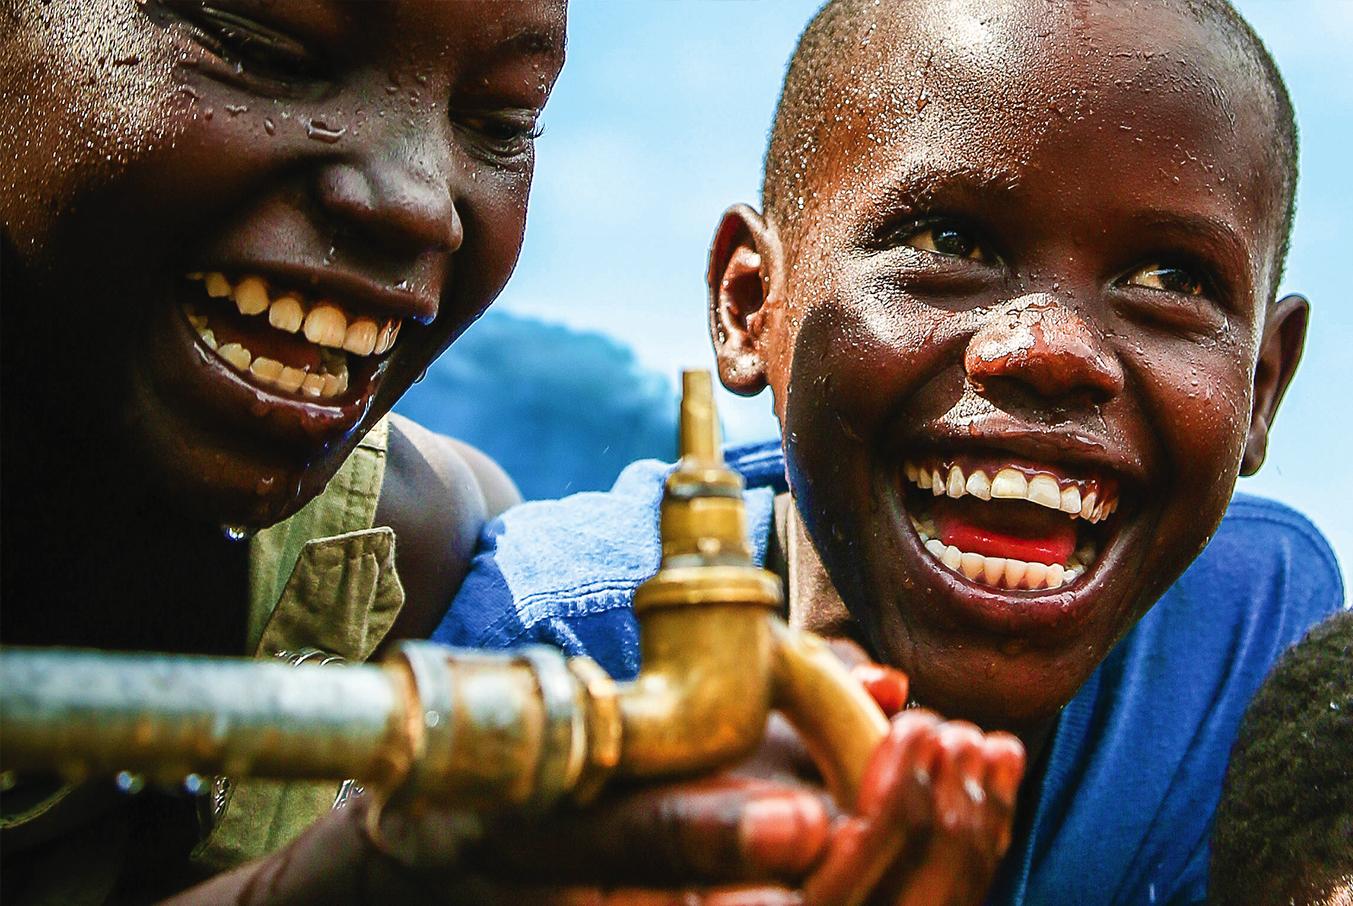 Twee jongens bij waterpunt in Afrika